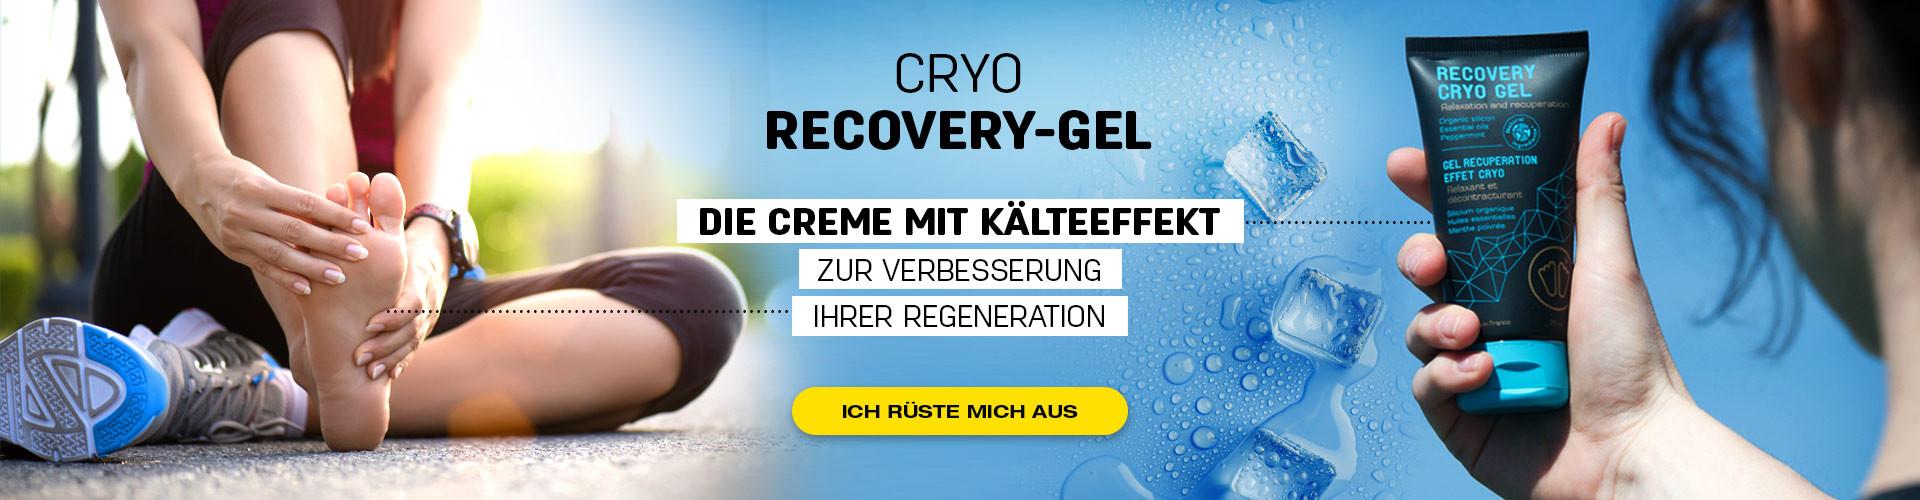 Der Kryo-Effekt ist eine großartige Erholung nach einer Sportsitzung und fördert Ihre Erholung